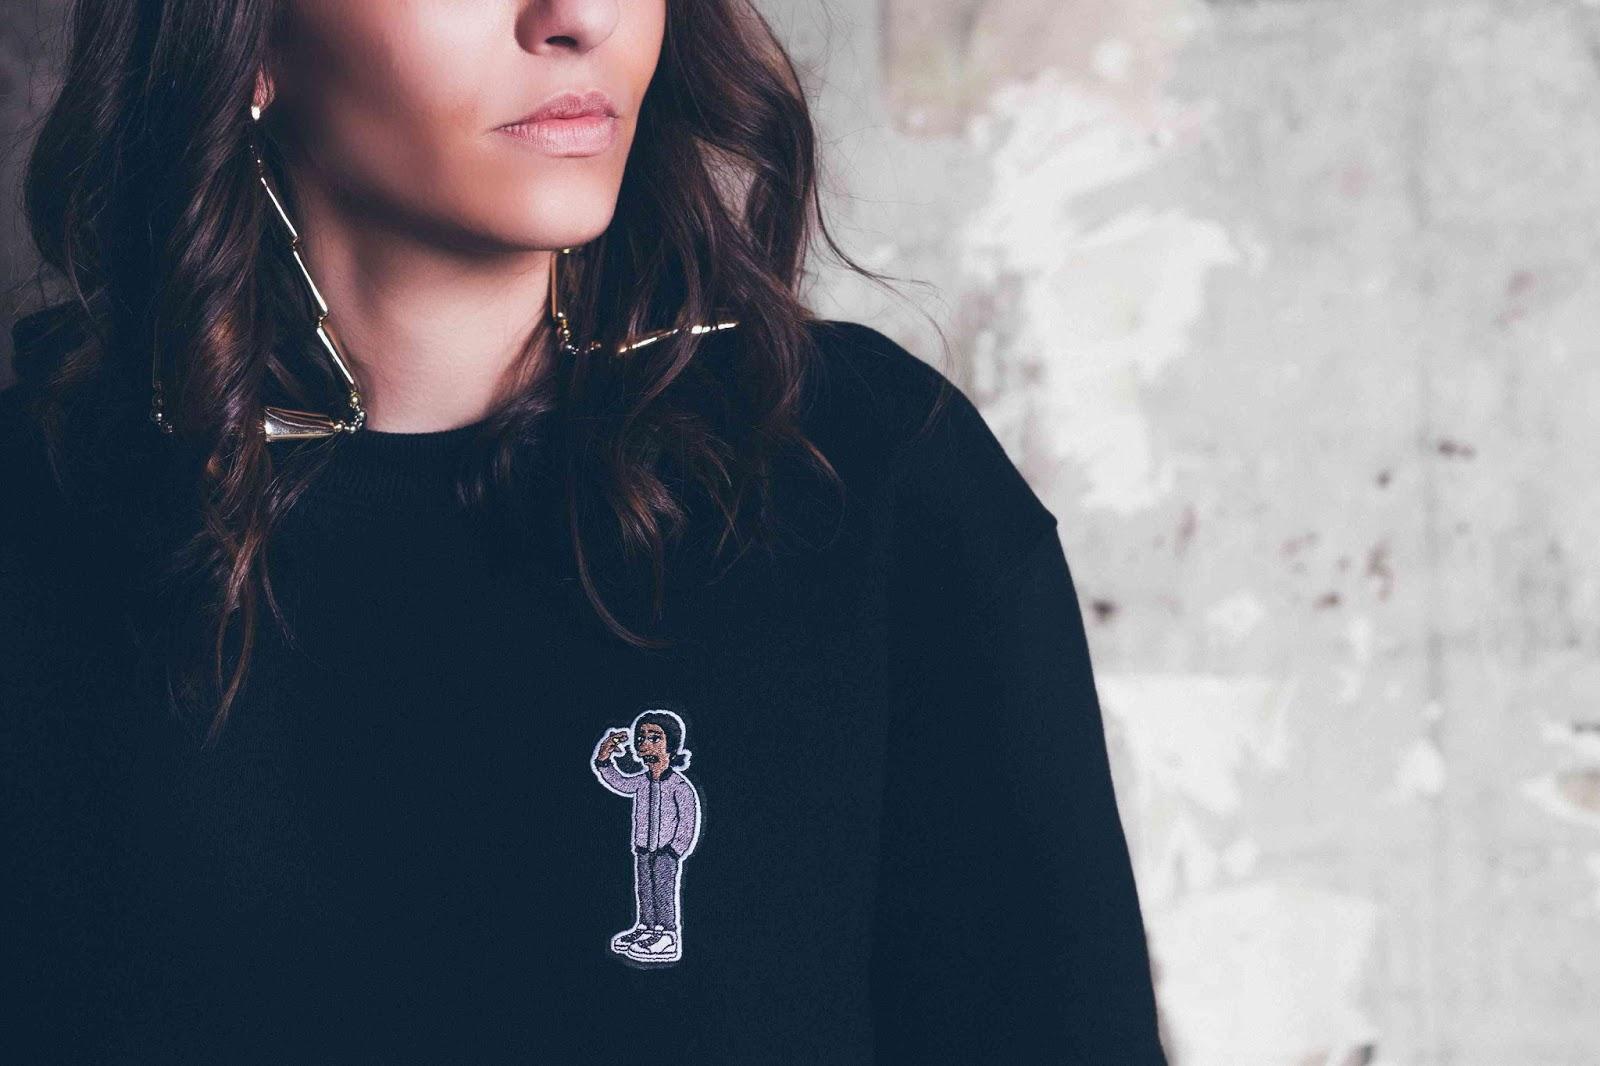 nephew zhi streetwear brasil 11 - Nephew colabora com famoso ilustrador Zhi